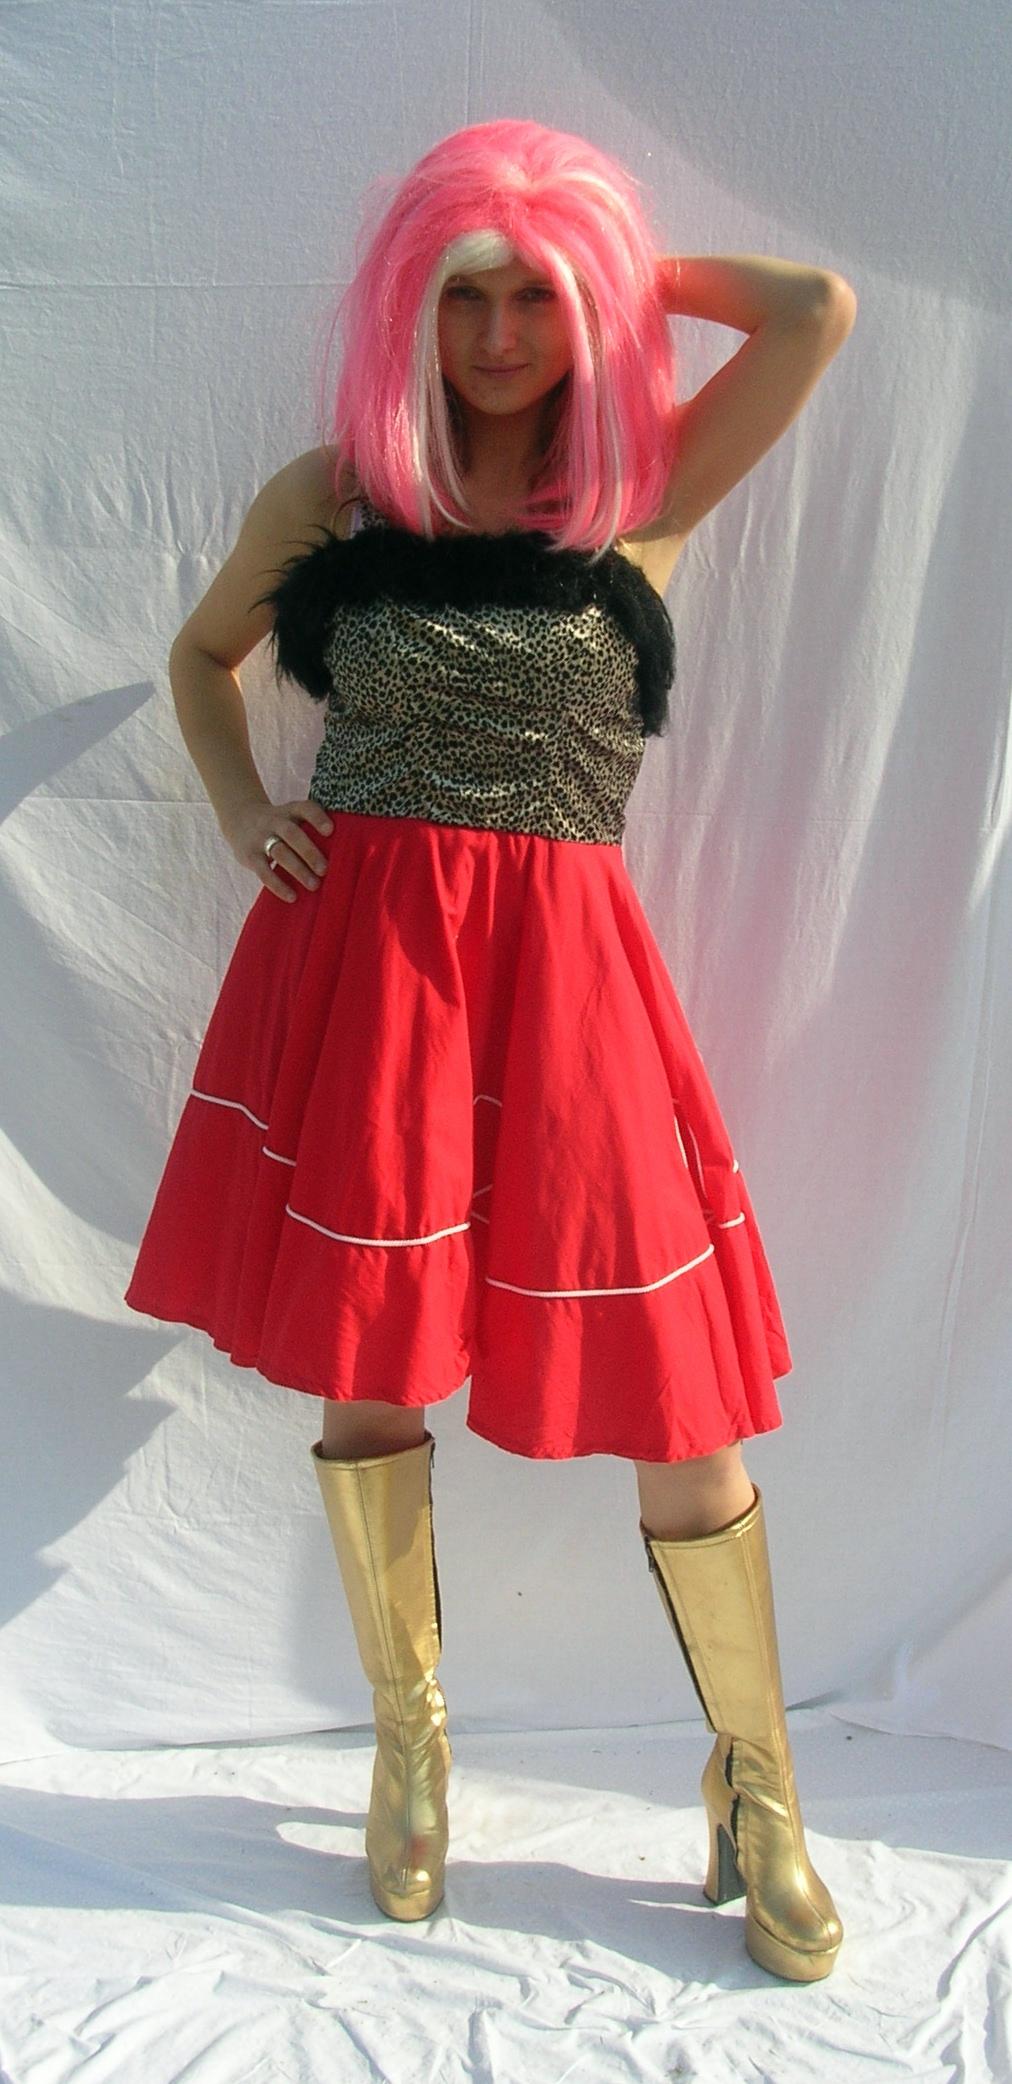 Cindy-Lauper-1